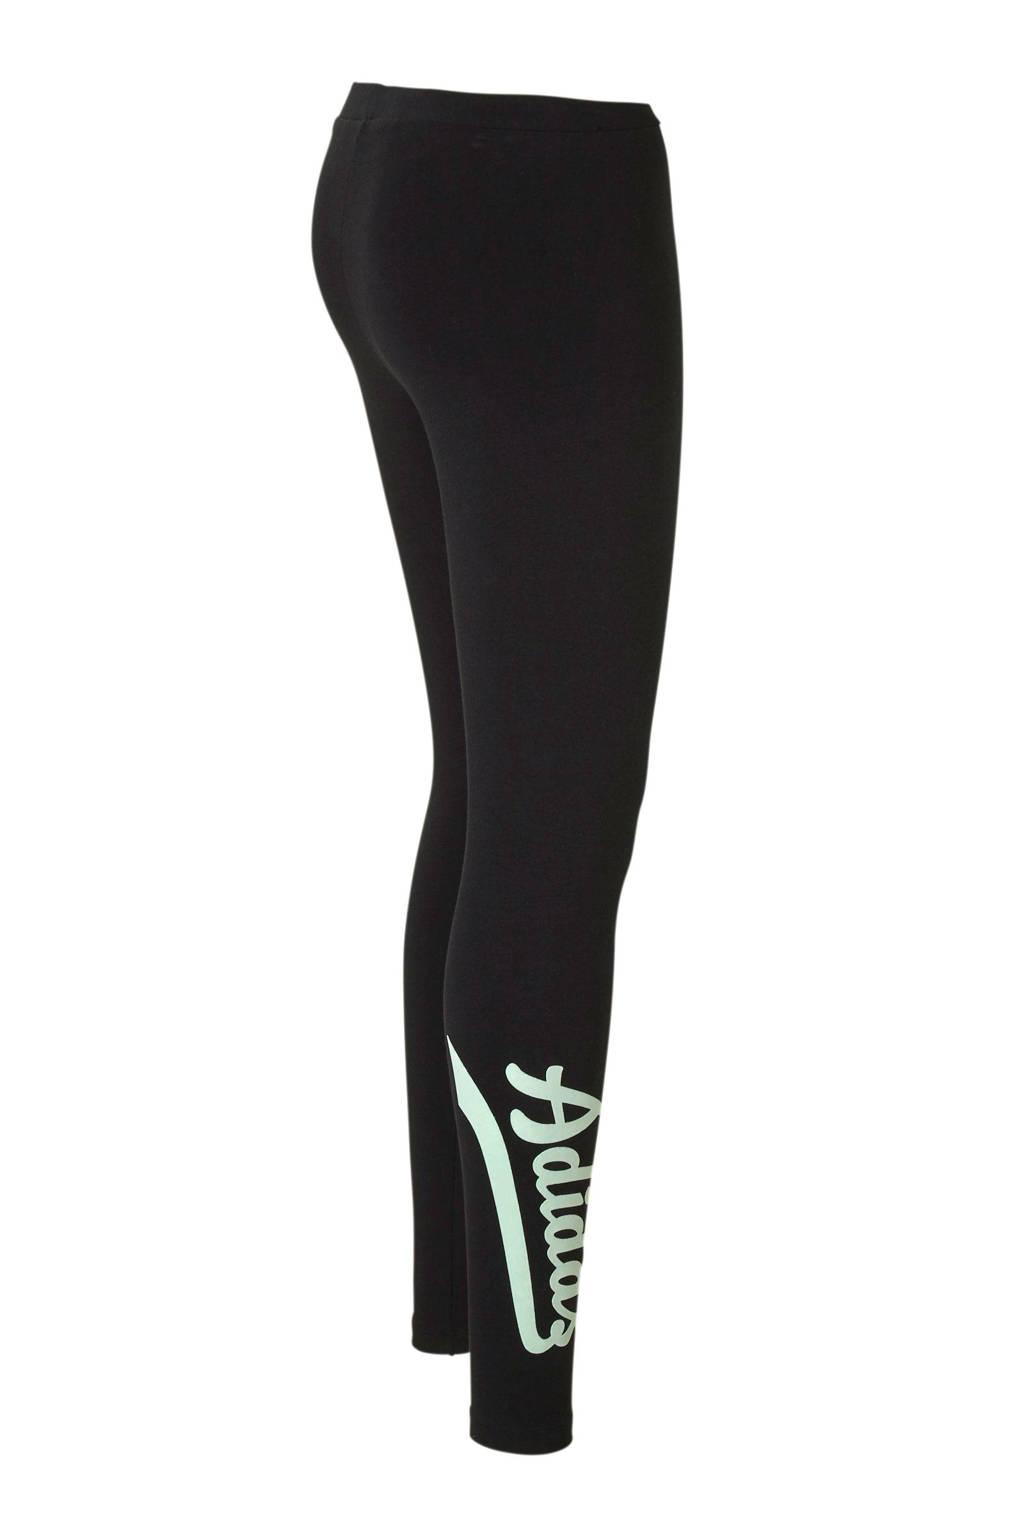 367618122bd adidas originals 7/8 legging zwart, Zwart/lichtgroen